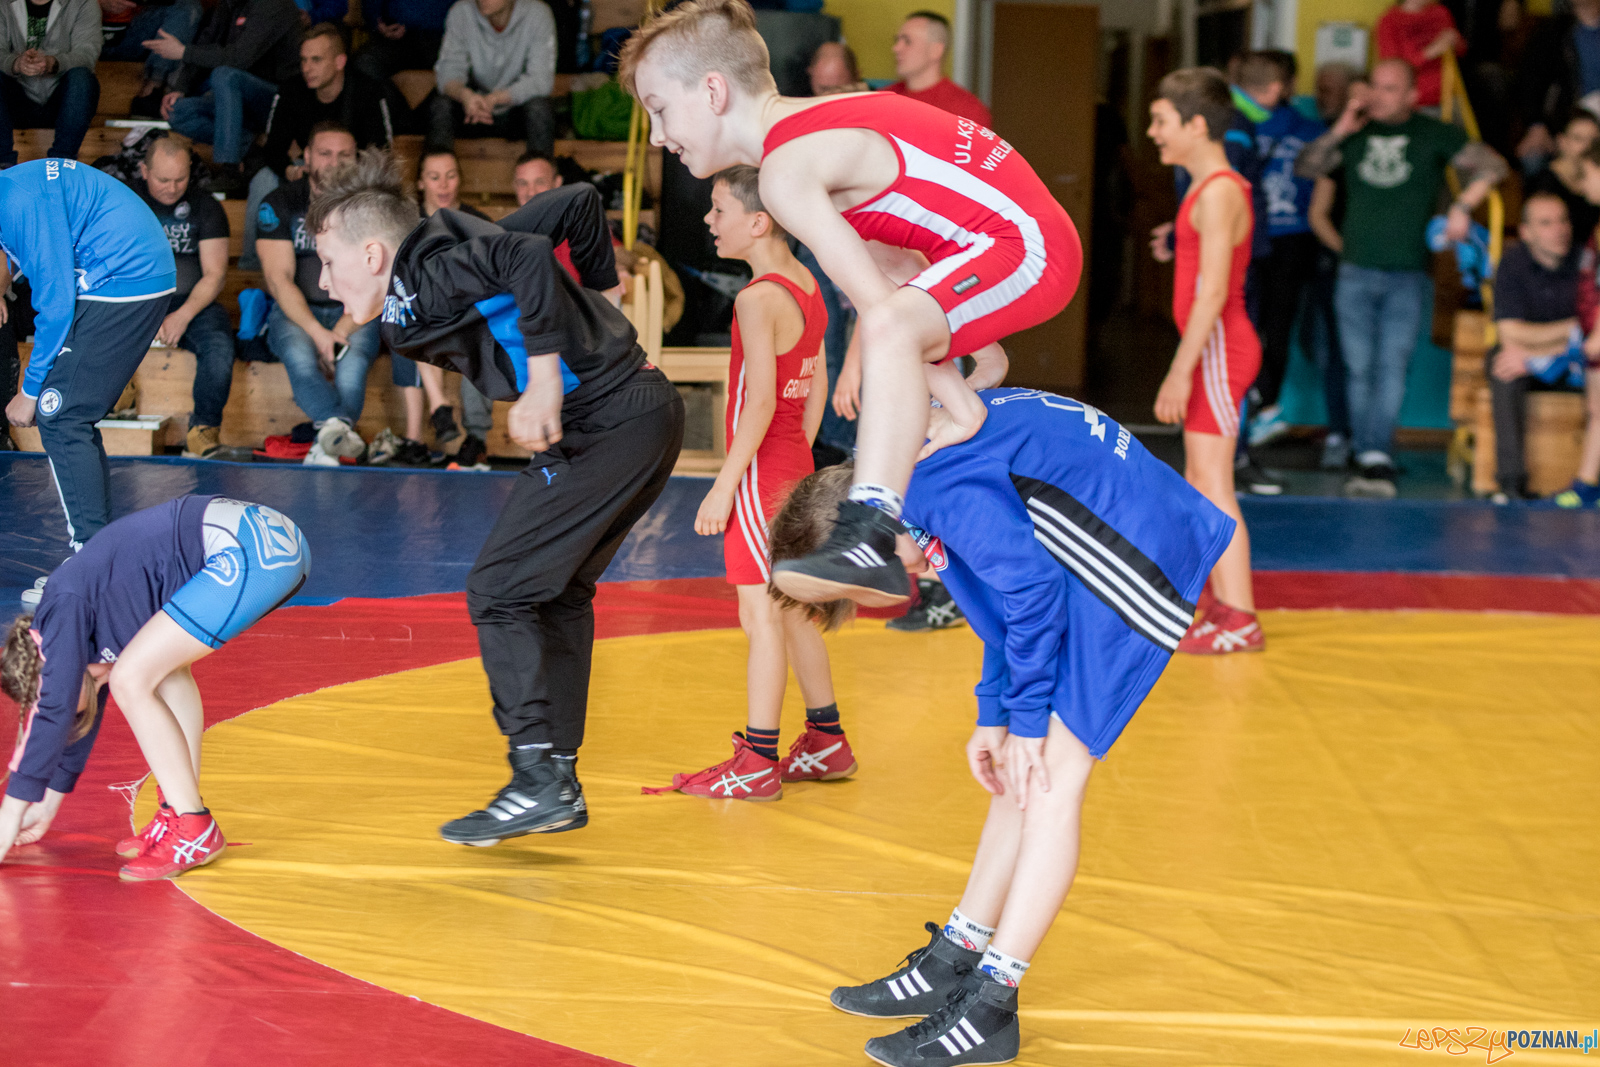 Turniej Wielkanocny KS Sobieski  Foto: lepszyPOZNAN.pl / Ewelina Jaśkowiak